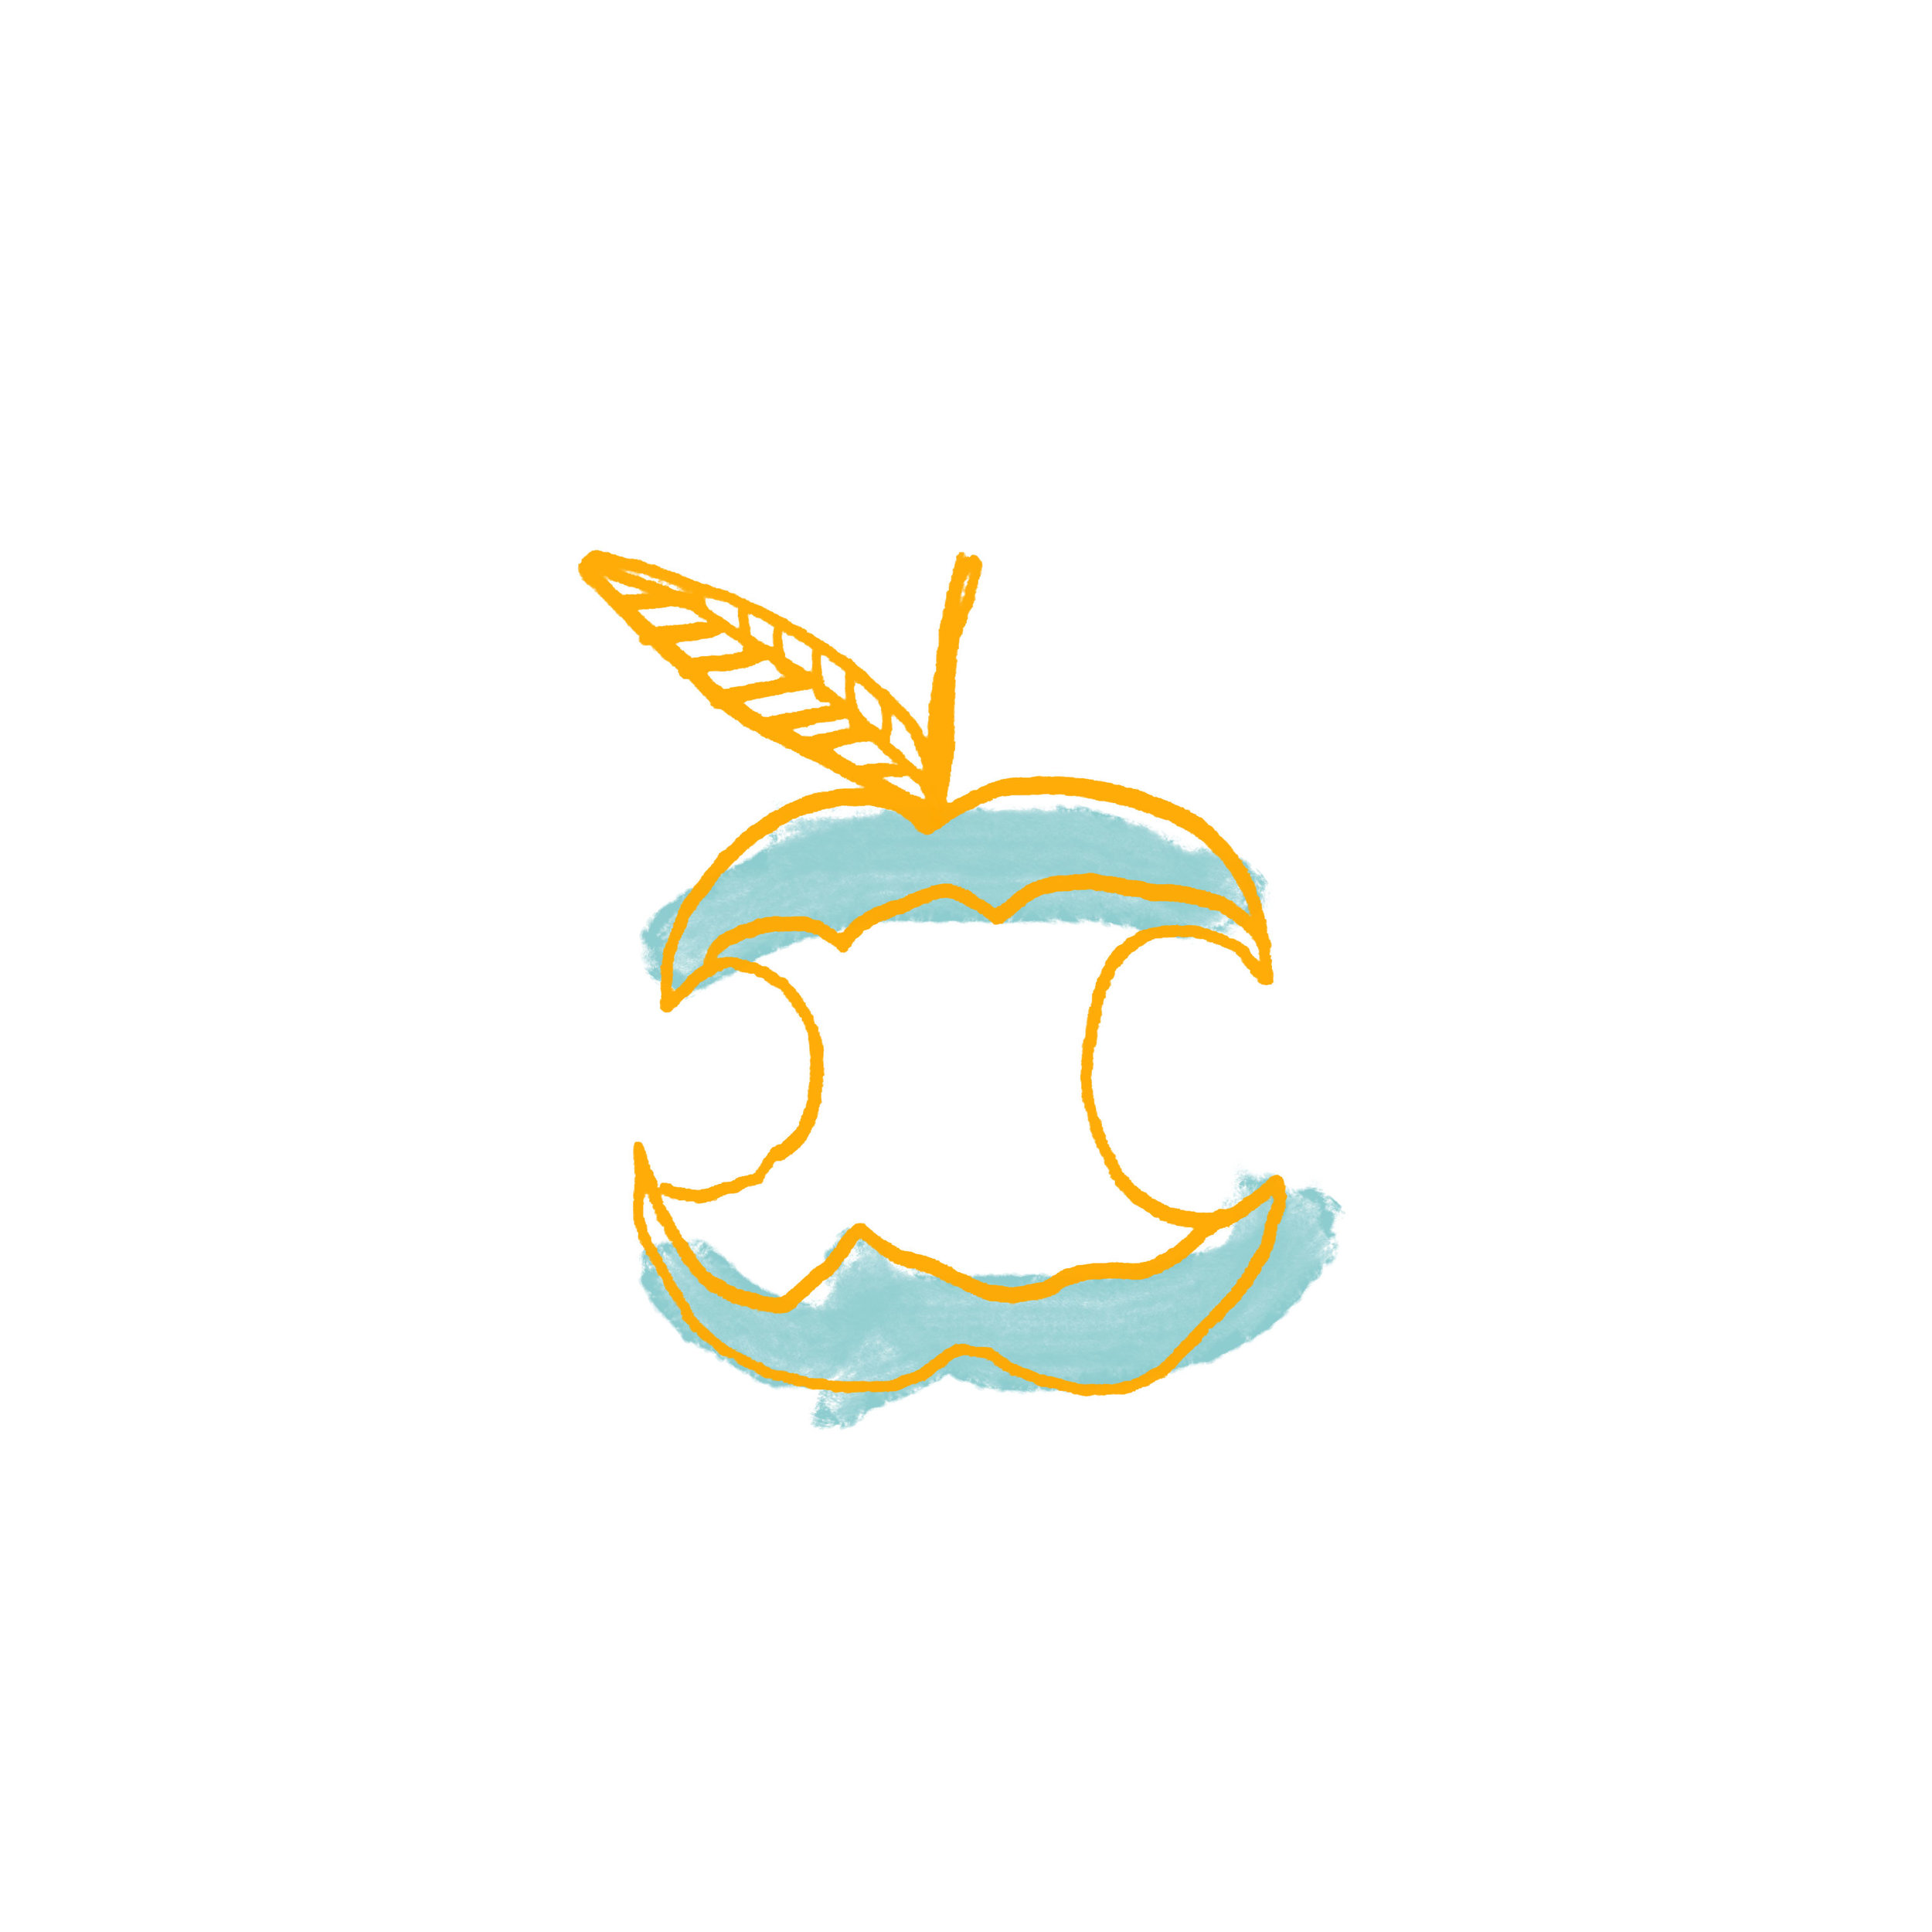 bite-the-apple.jpg